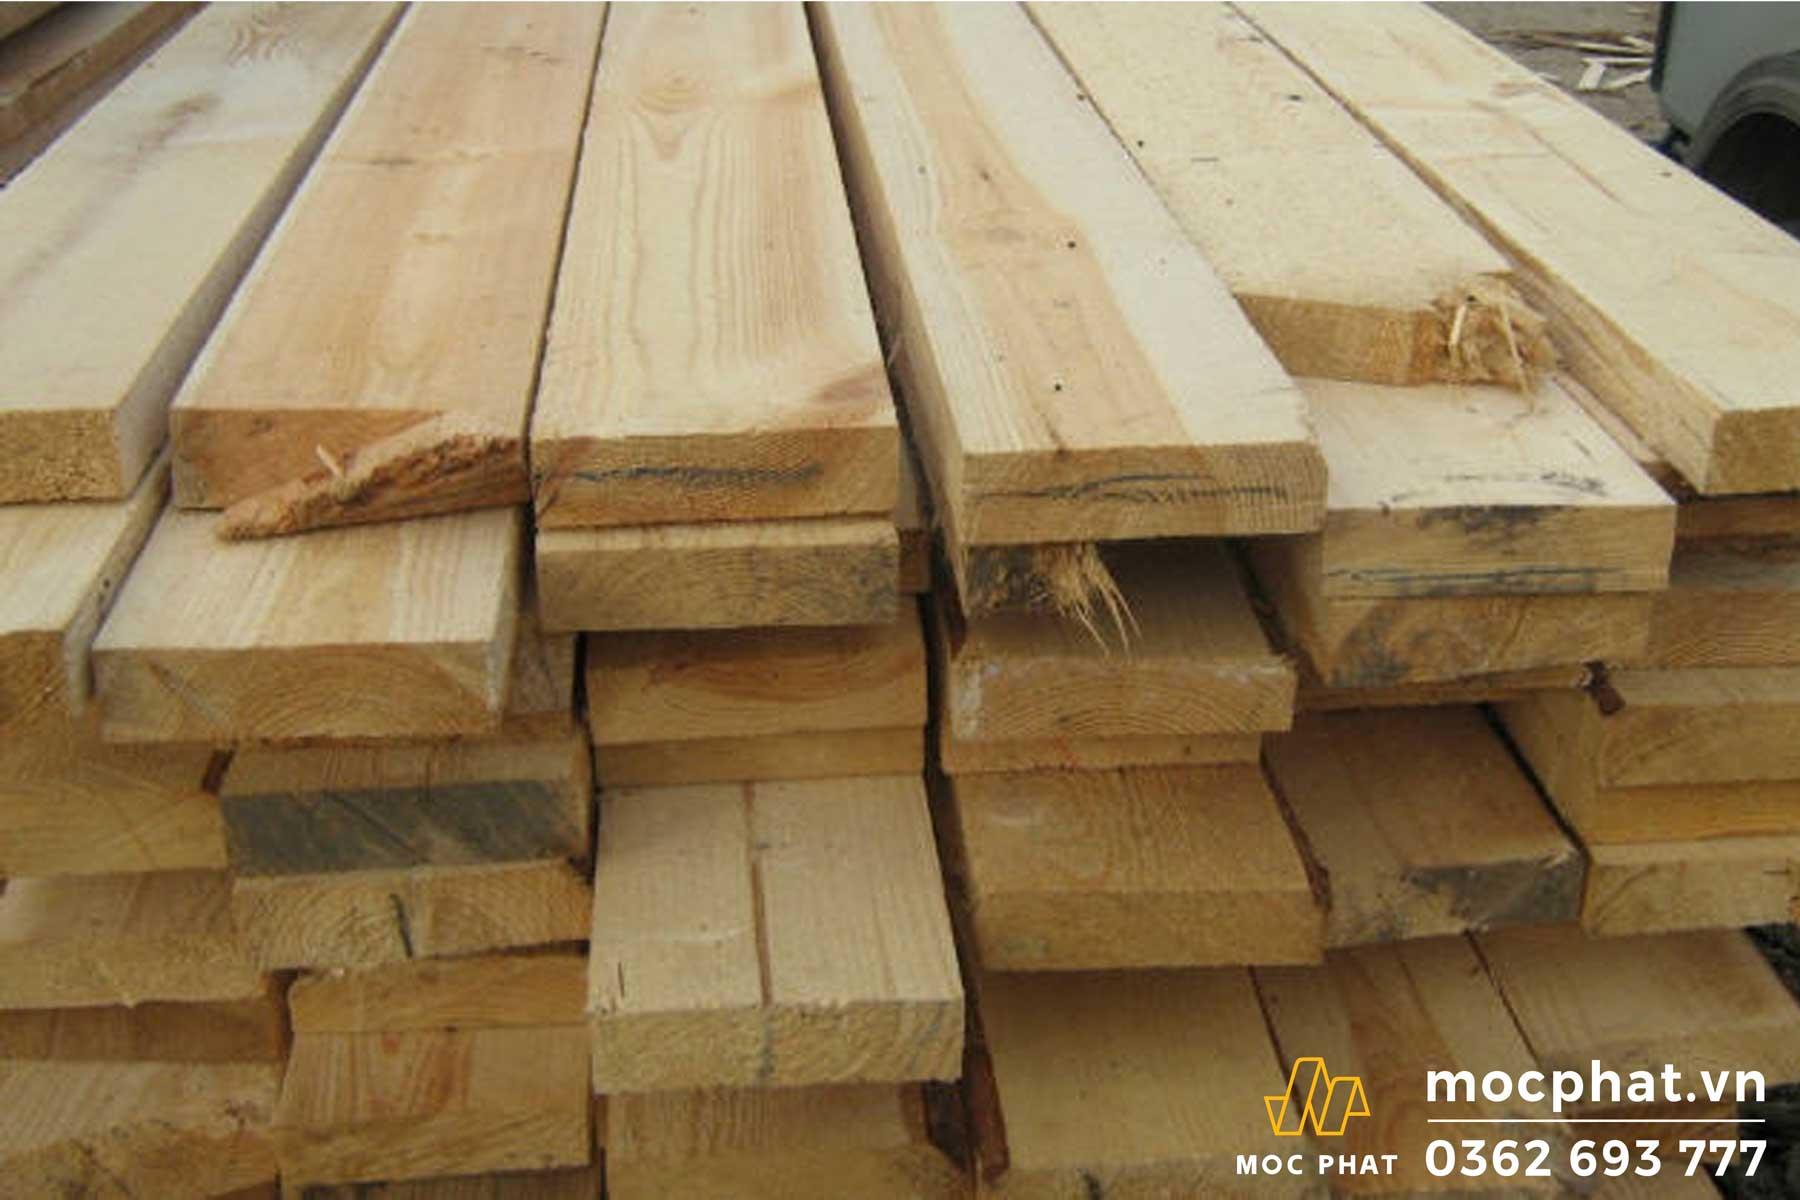 Top 7 loại gỗ chống mối mọt hiệu quả